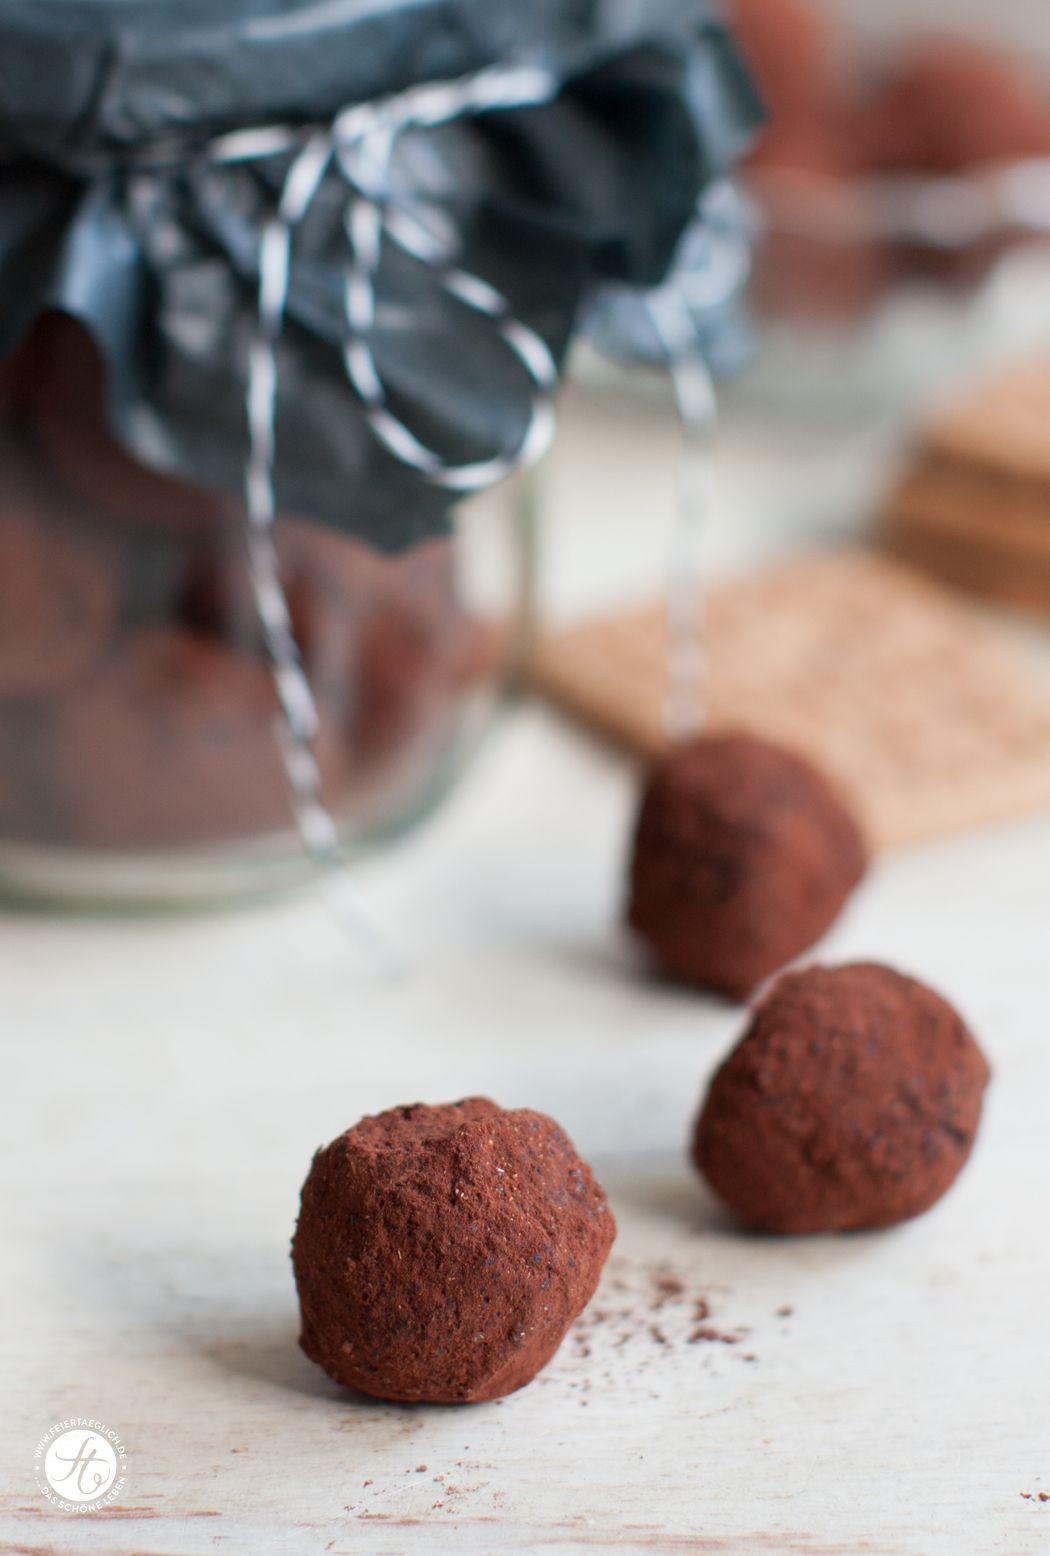 Geschenke aus der Küche: Spekulatius-Trüffel | Geschenke selbst ...